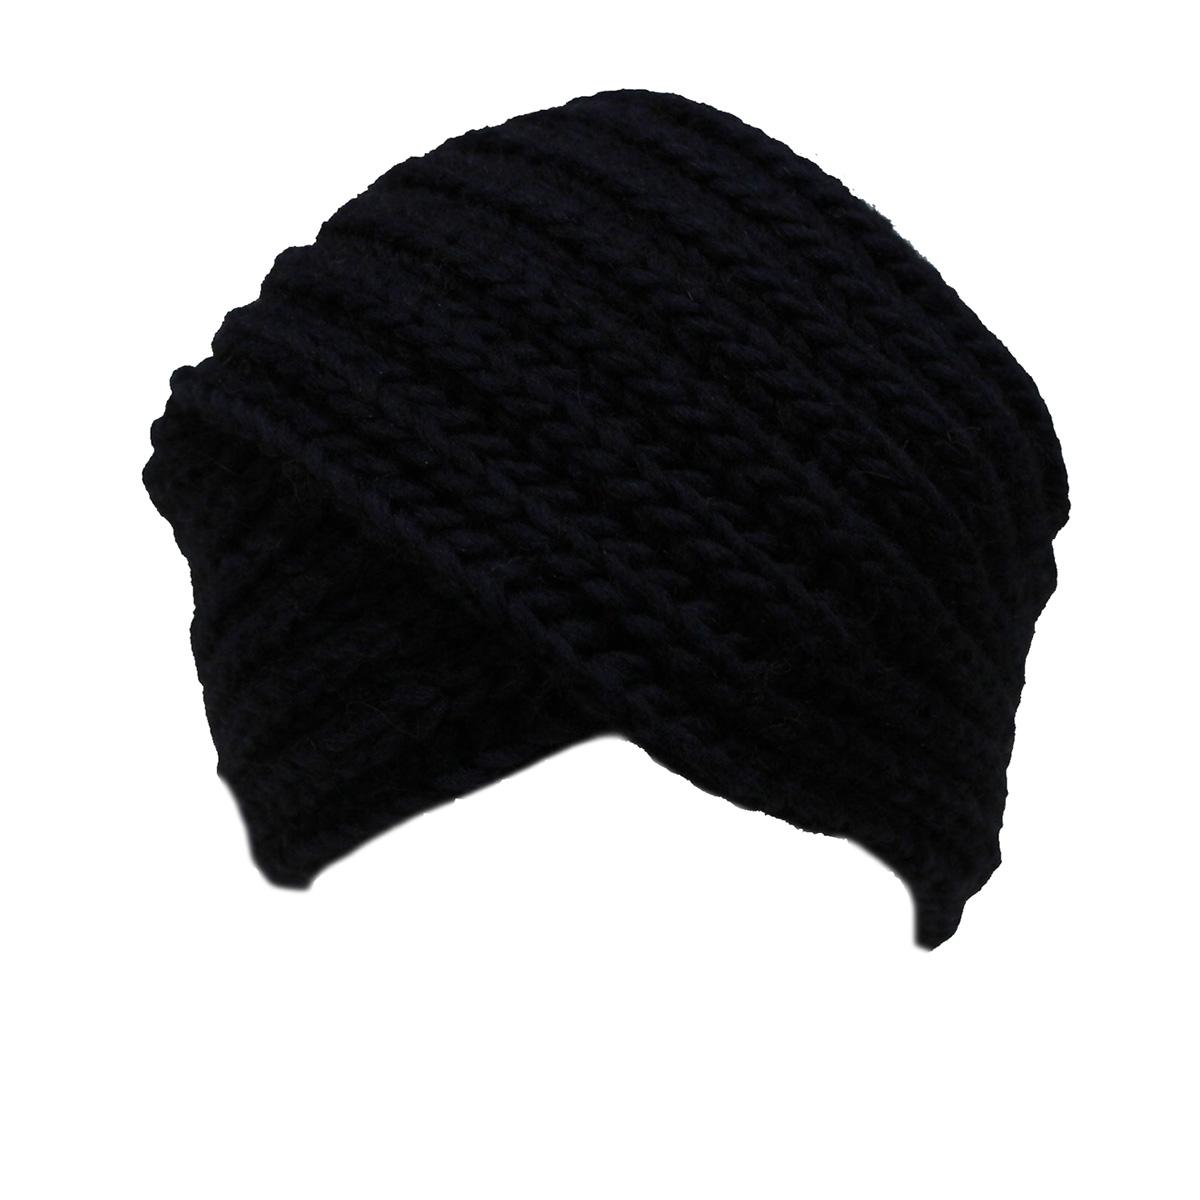 Cappello donna lana alpaca viscosa cuffia a maglia MADE IN ITALY M1621 blu 785f5cff4786